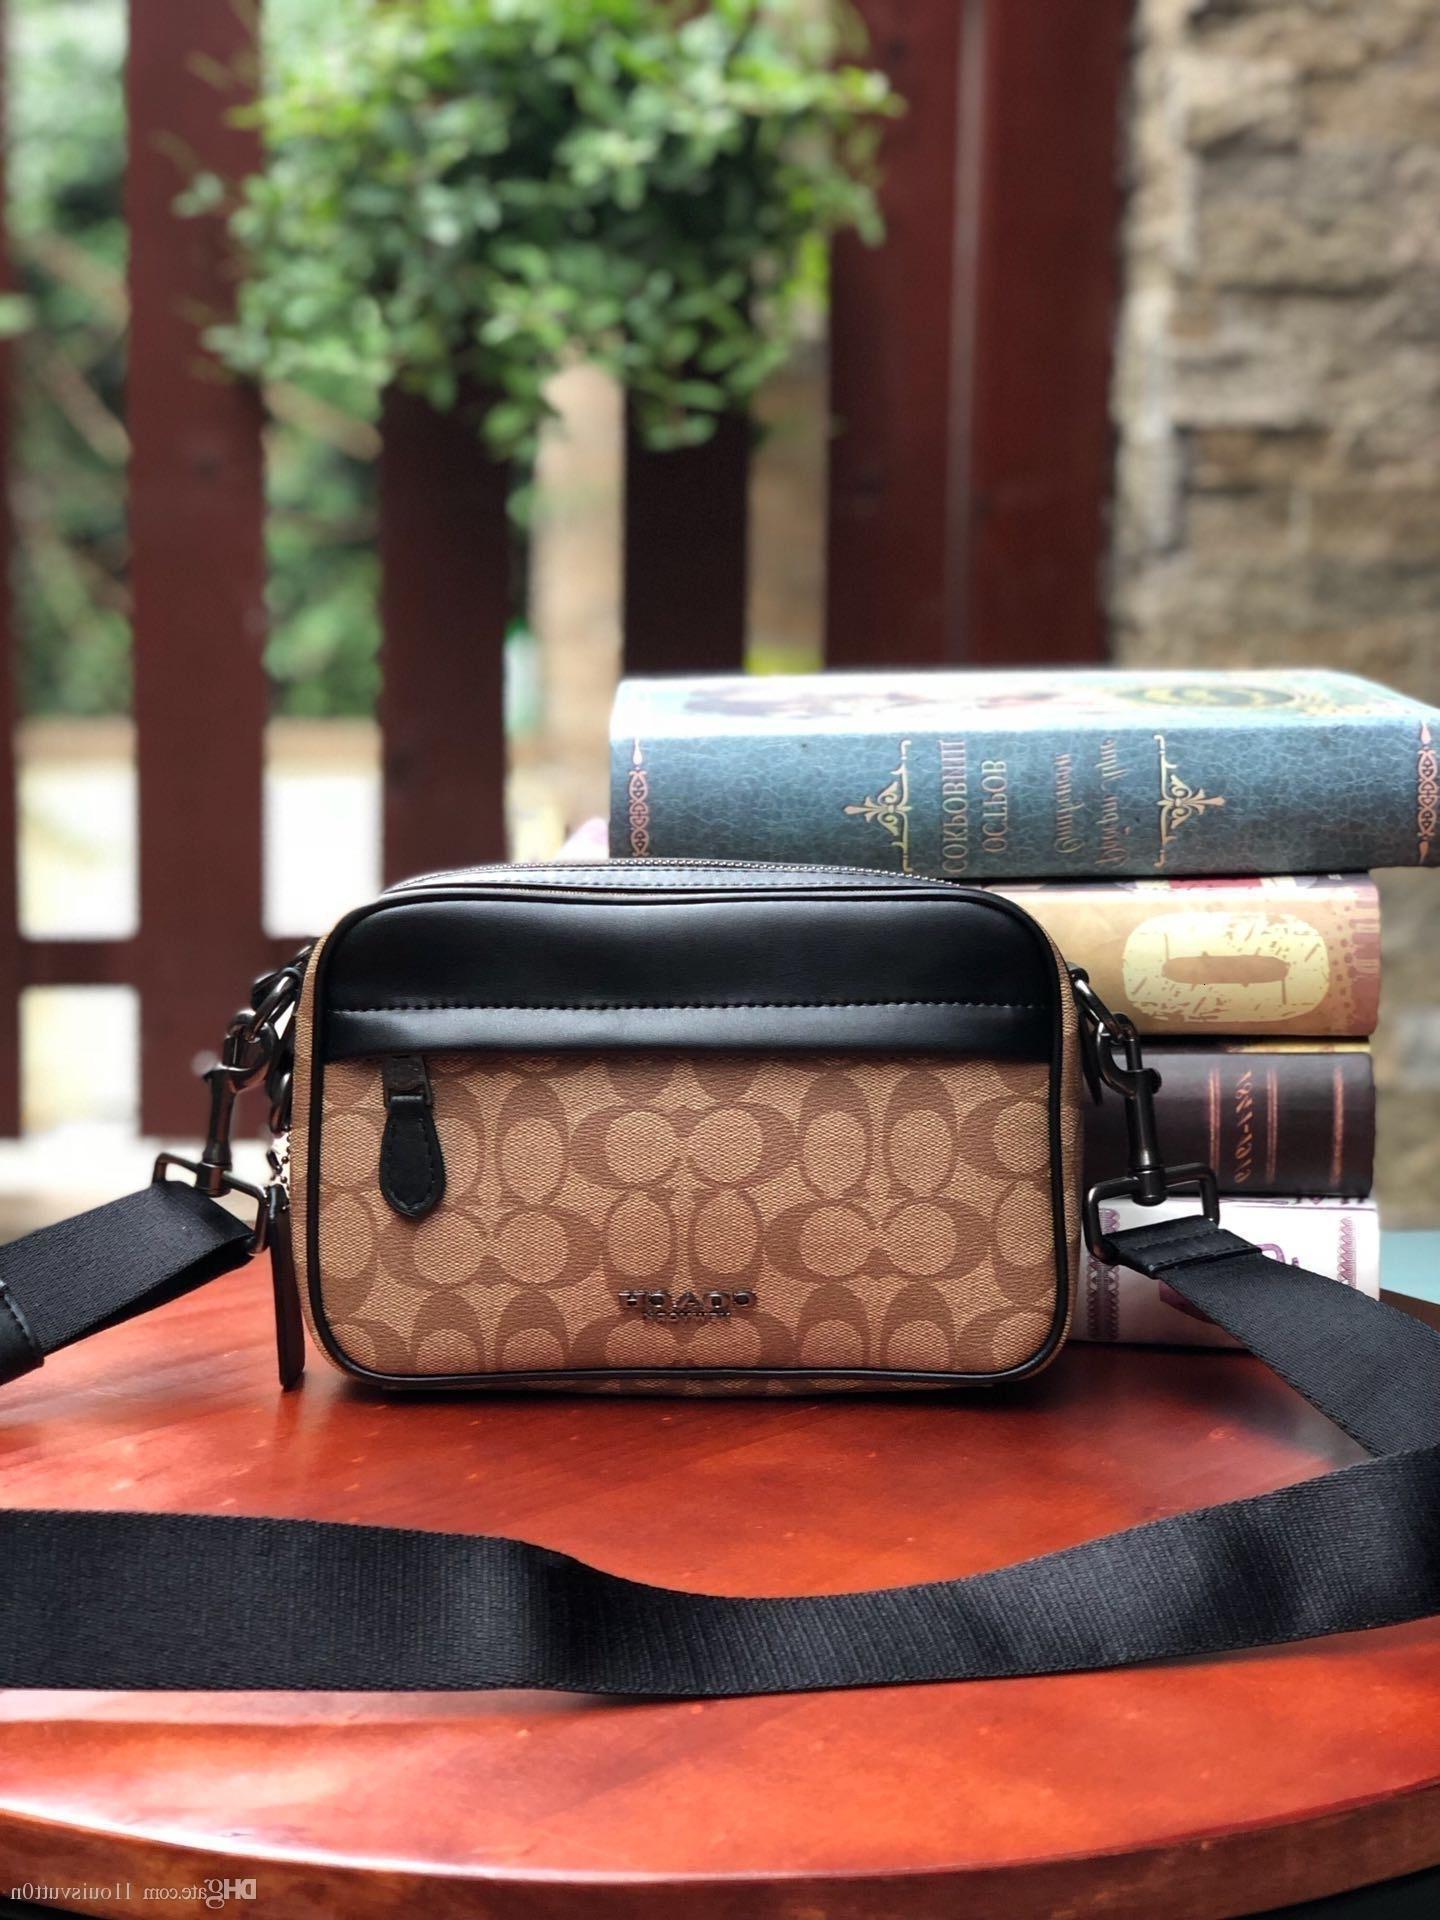 2019 Nueva L1ouisvutt0n M1K Pra1ra bolsos de un solo hombro del bolso de las mujeres S Men S Bolsas Mochila con estilo clásico del bolso bolsos de cuero M50715